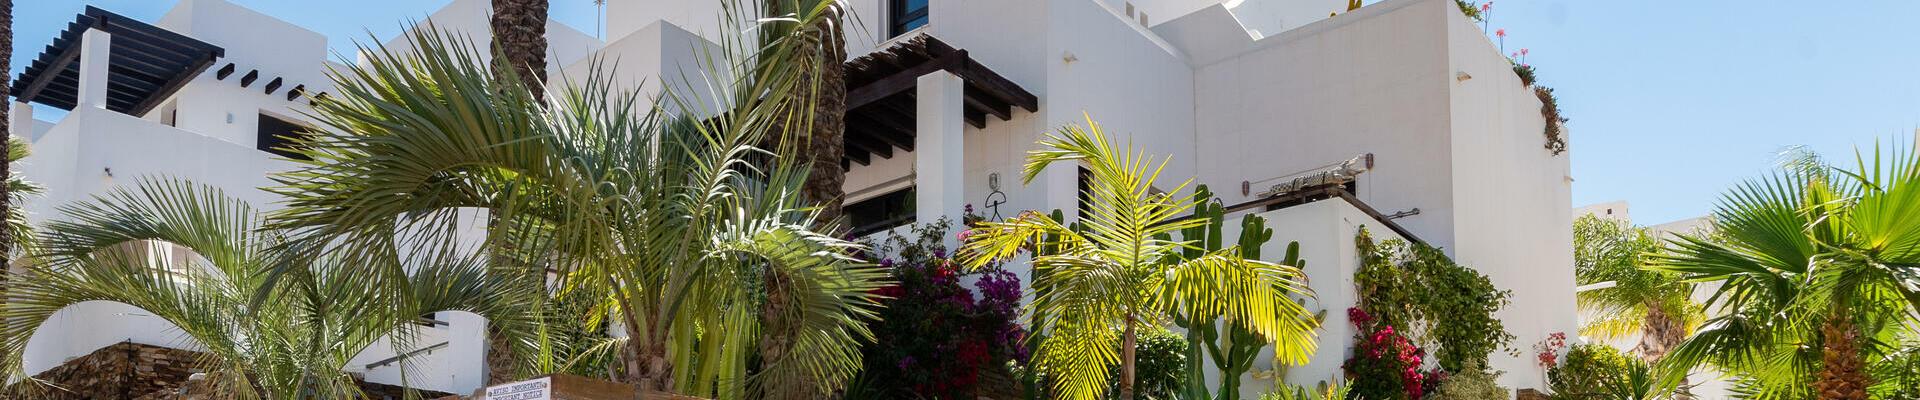 LV796: 3 Habitación Duplex en venta